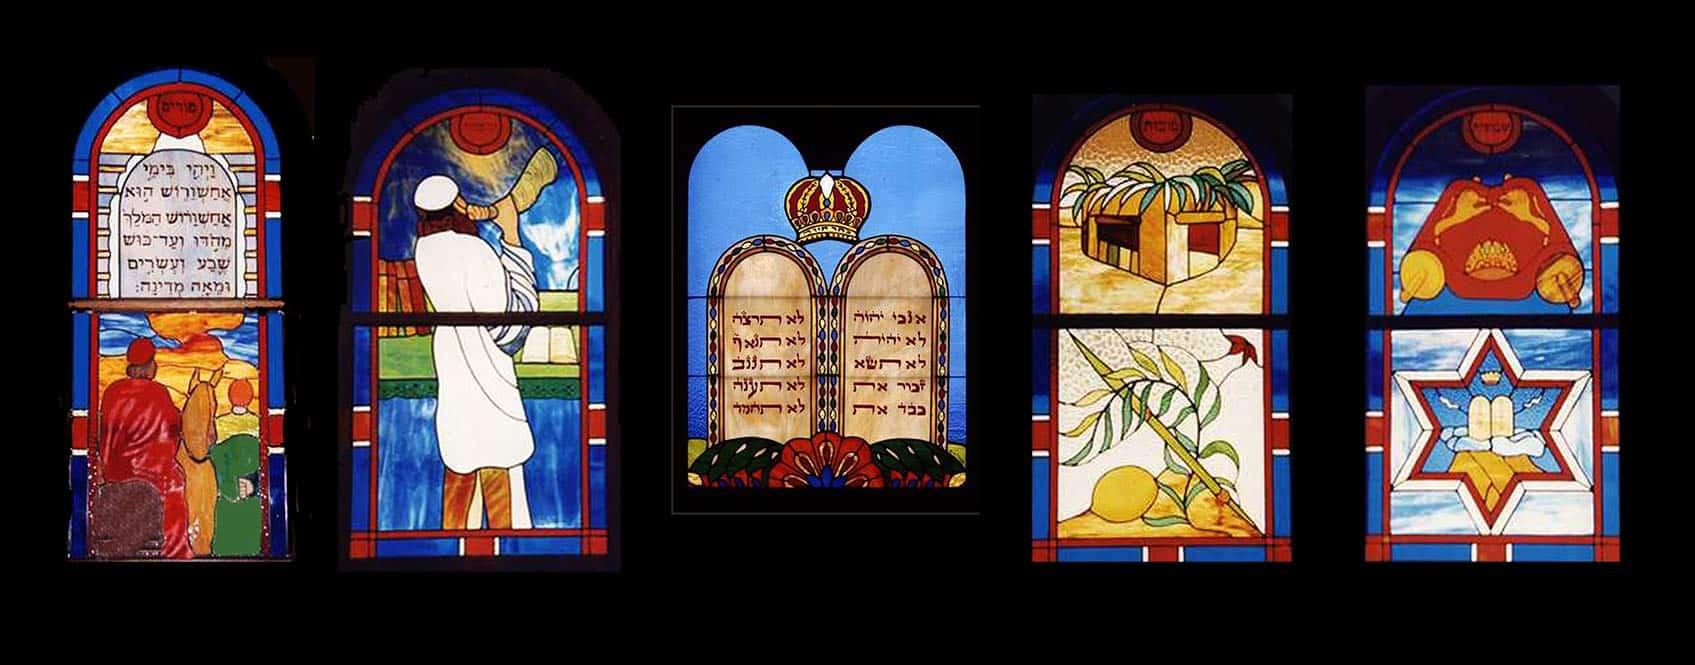 Vitraux de la synagogue de Papeete, réalisés par Deana de Marigny